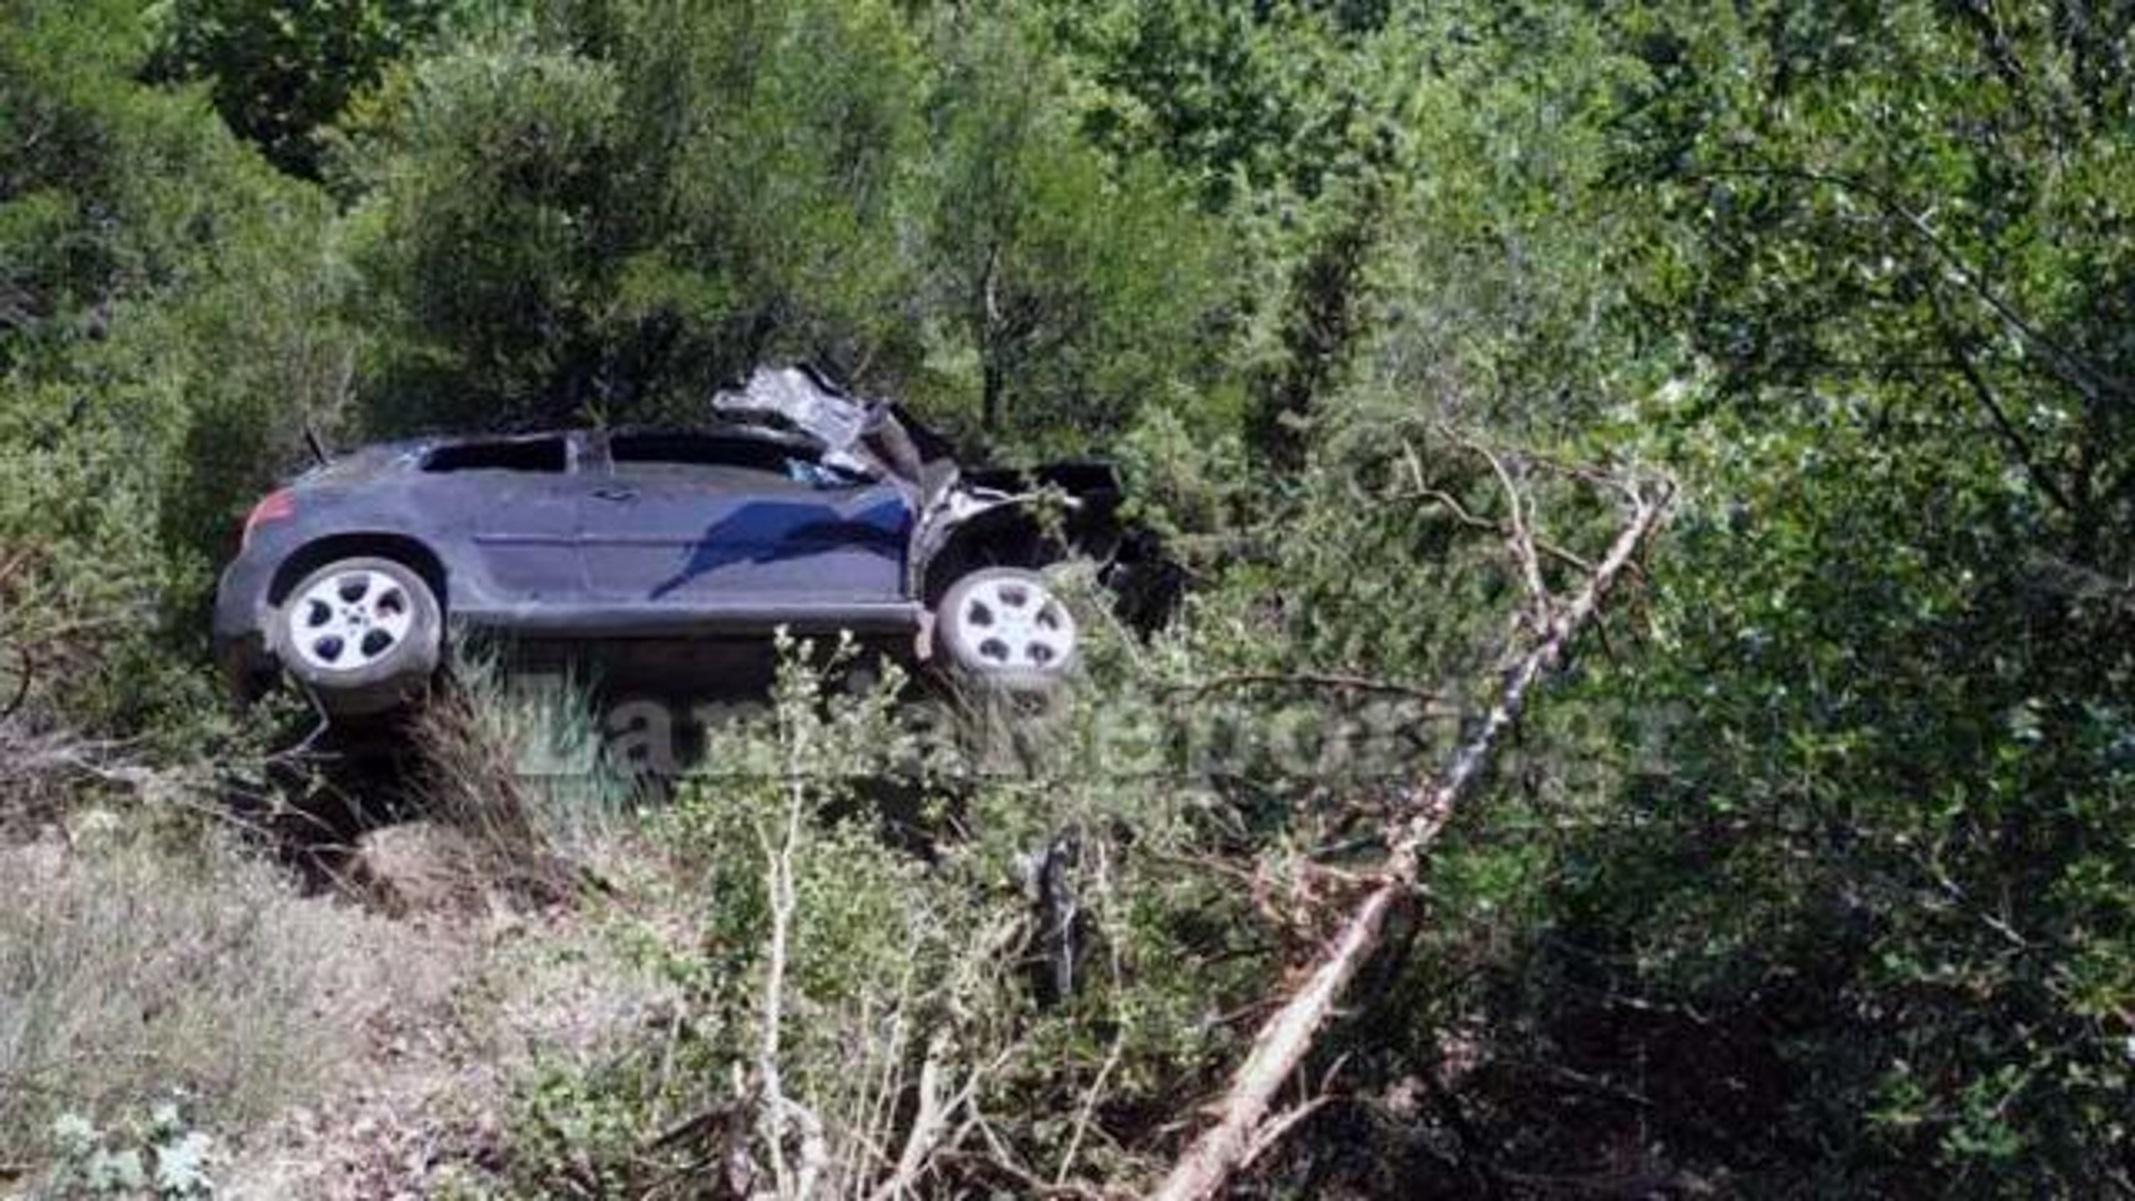 Ευρυτανία: Αυτοκίνητο έπεσε σε γκρεμό 60 μέτρων – Επιχείρηση απεγκλωβισμού της οδηγού